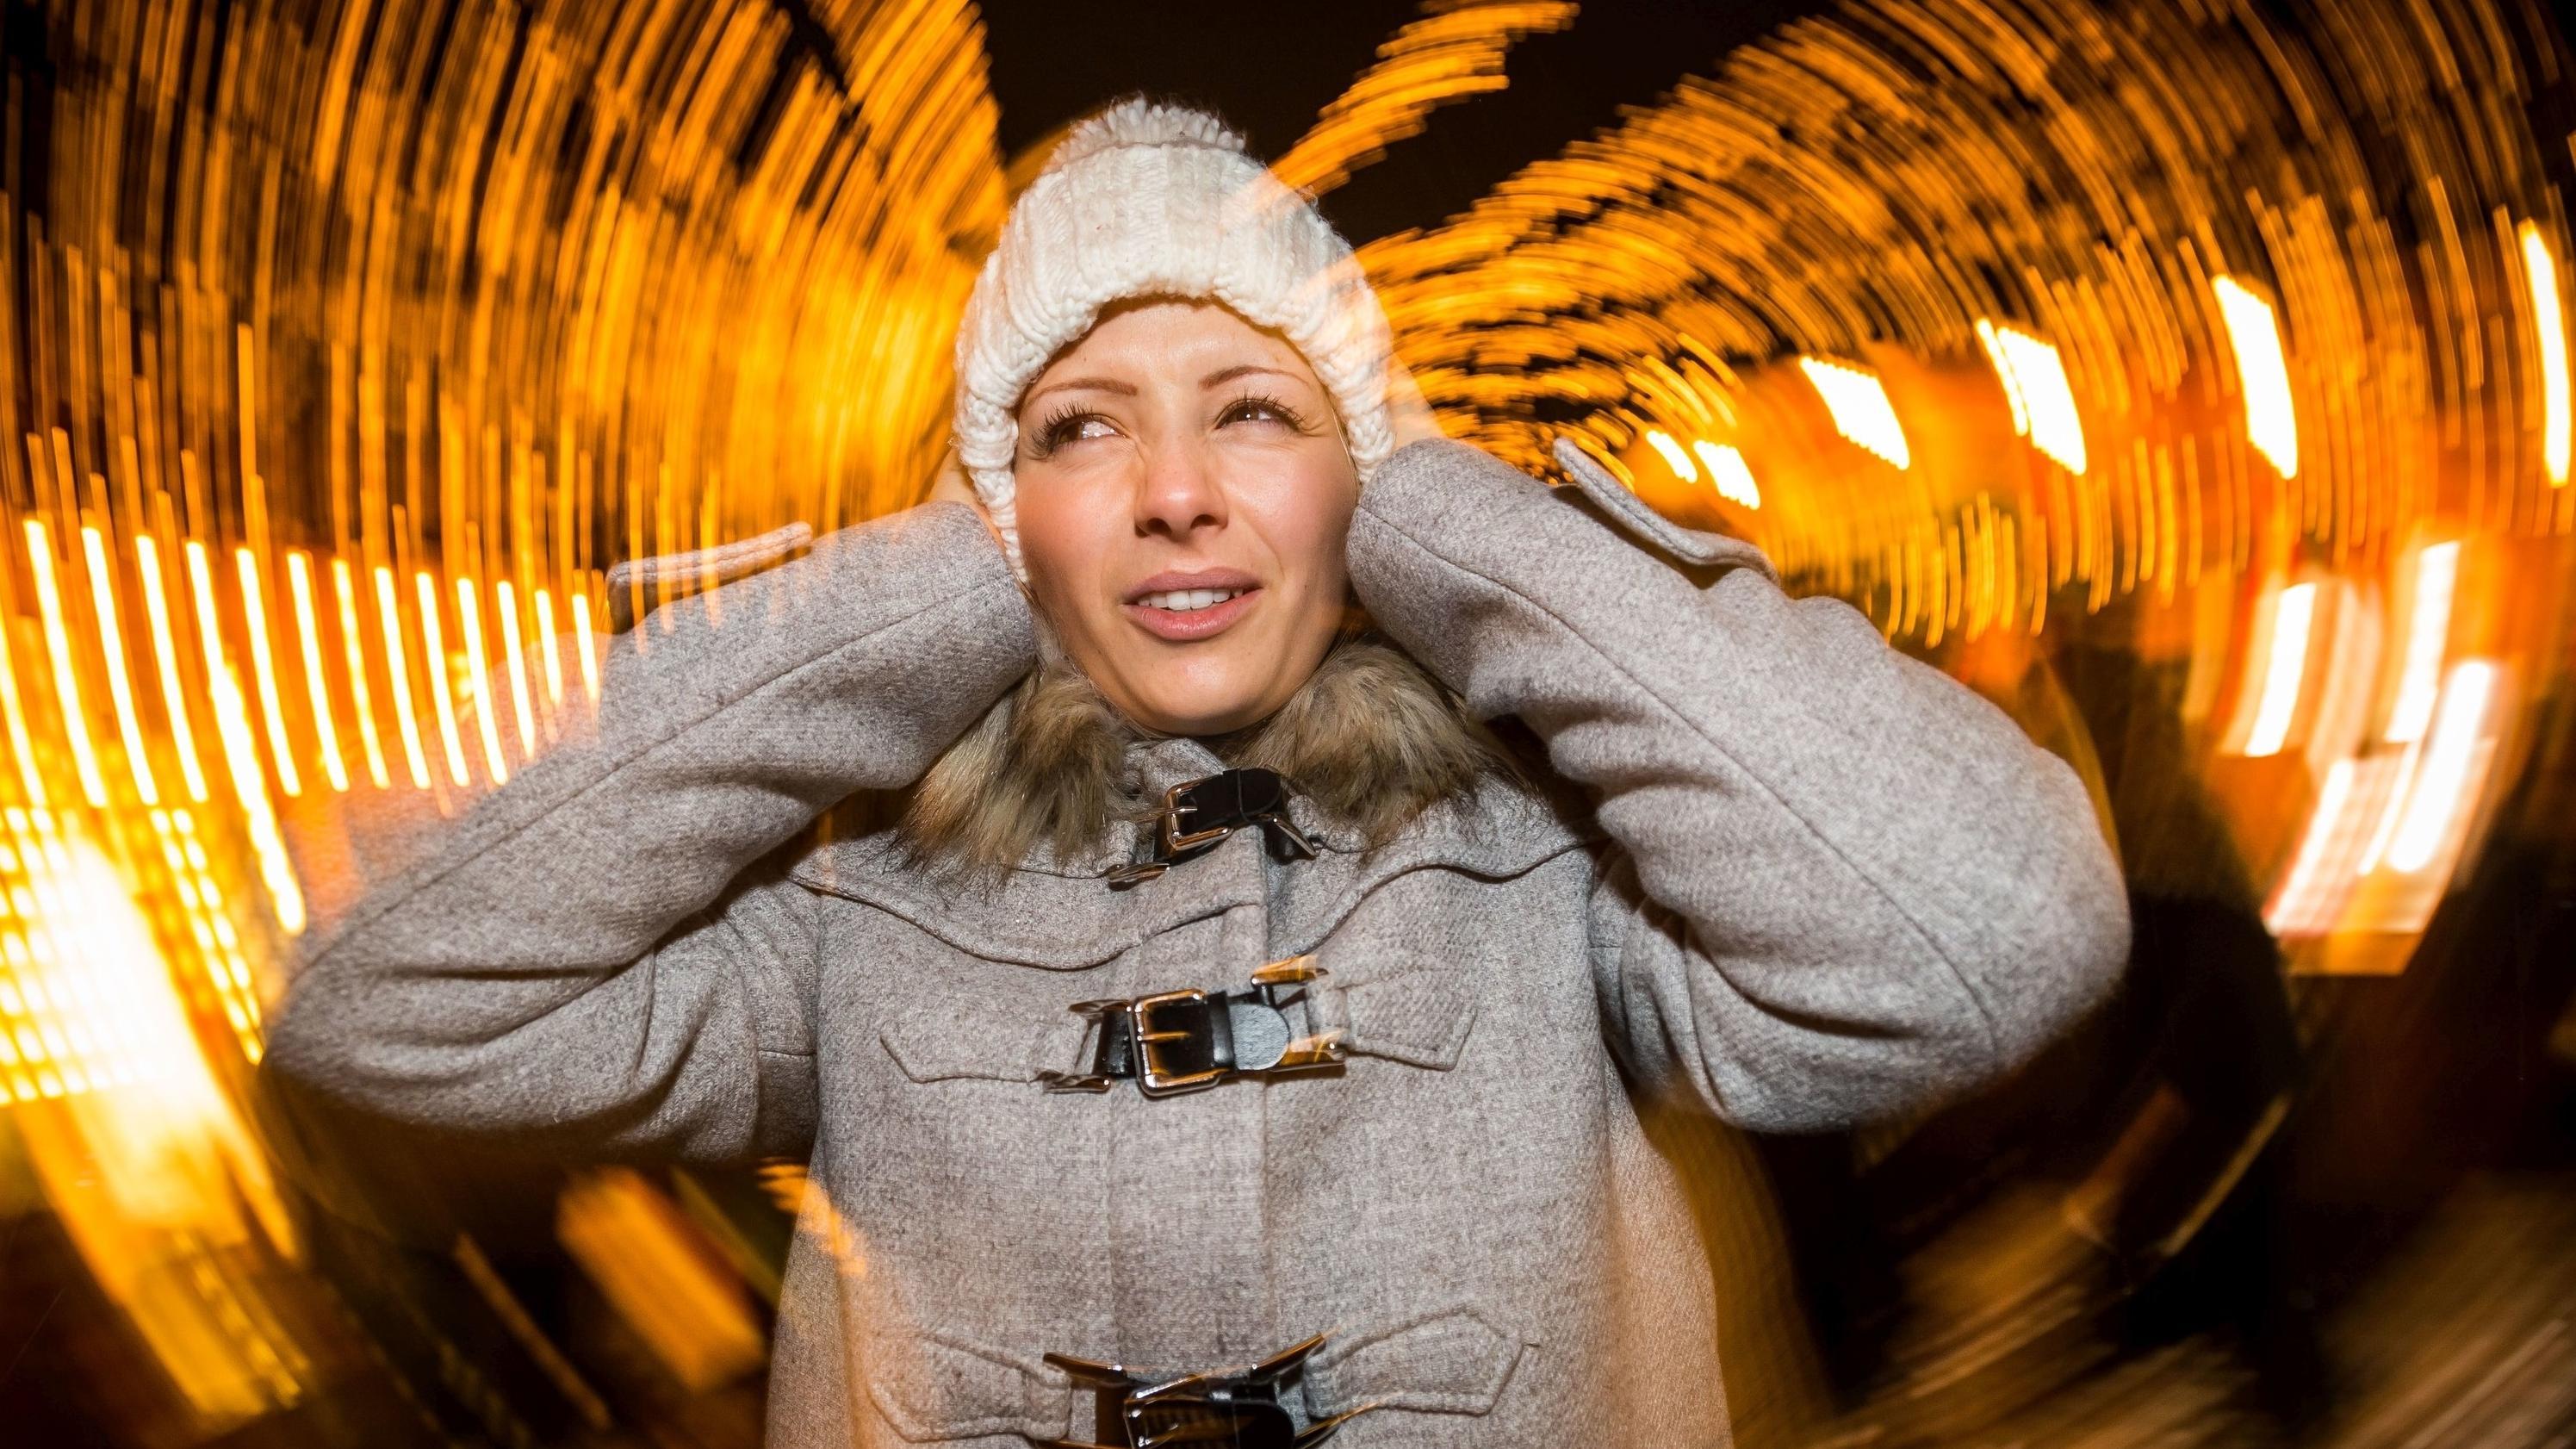 Silvesterfeuerwerk - Ohren vor Knalltrauma schützen